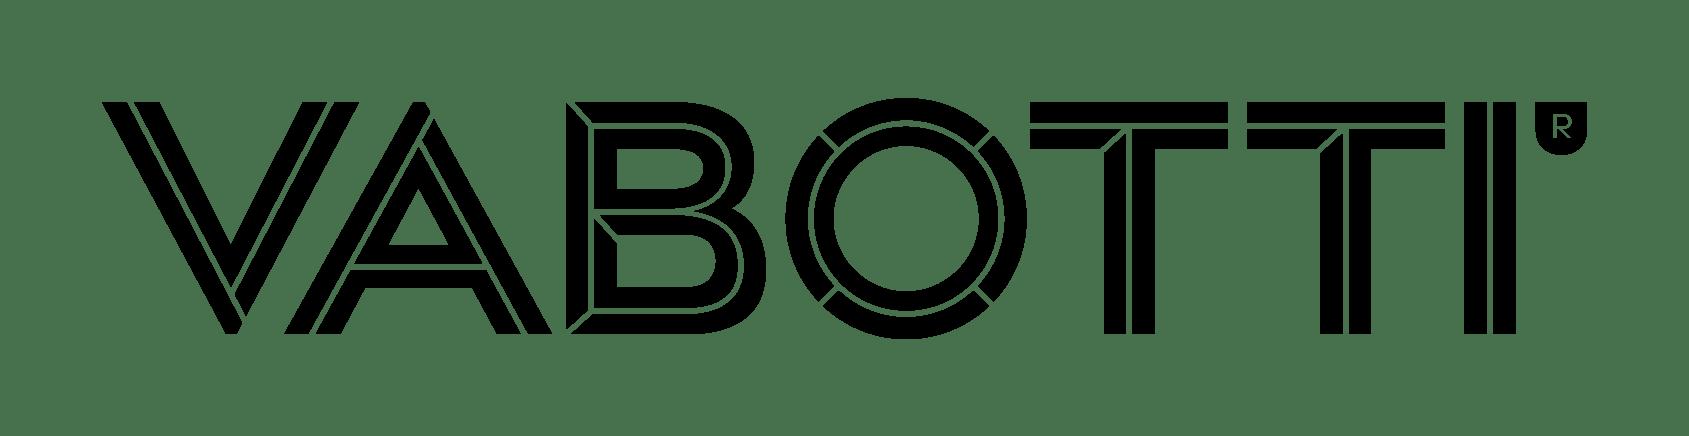 Van Bommel bootschoenen